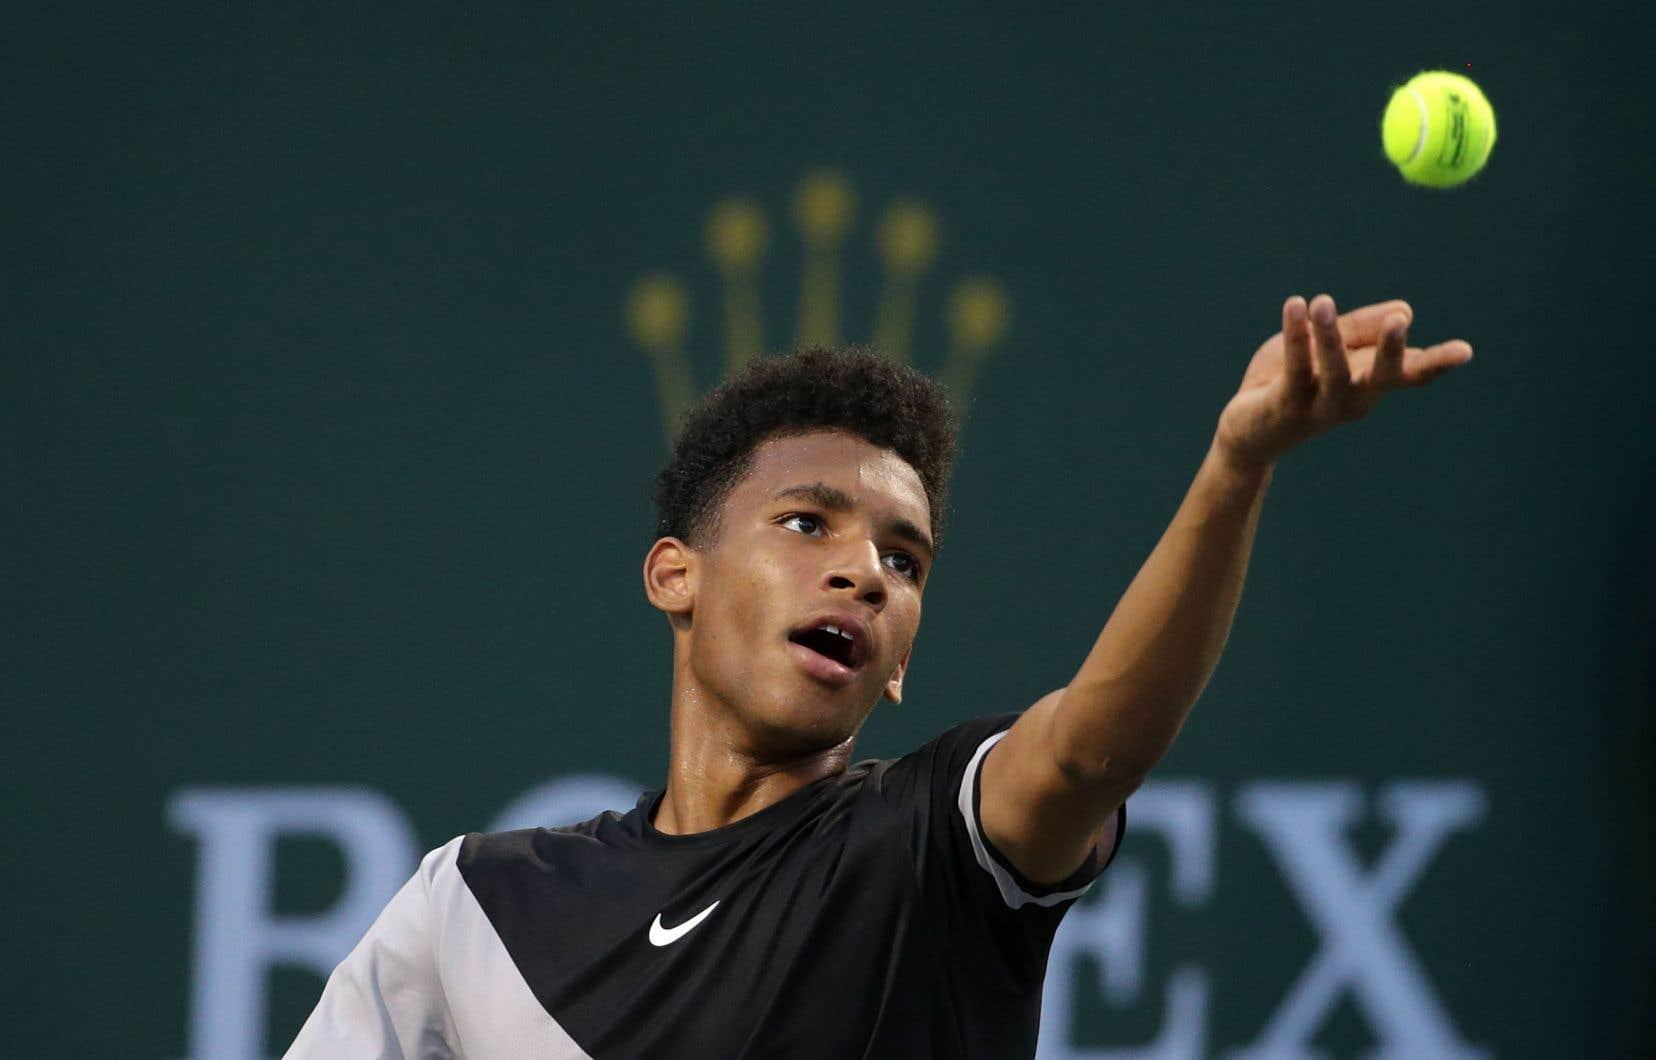 Le Montréalais Félix Auger-Aliassime, 17 ans,a dominé 6-2 pour les as.